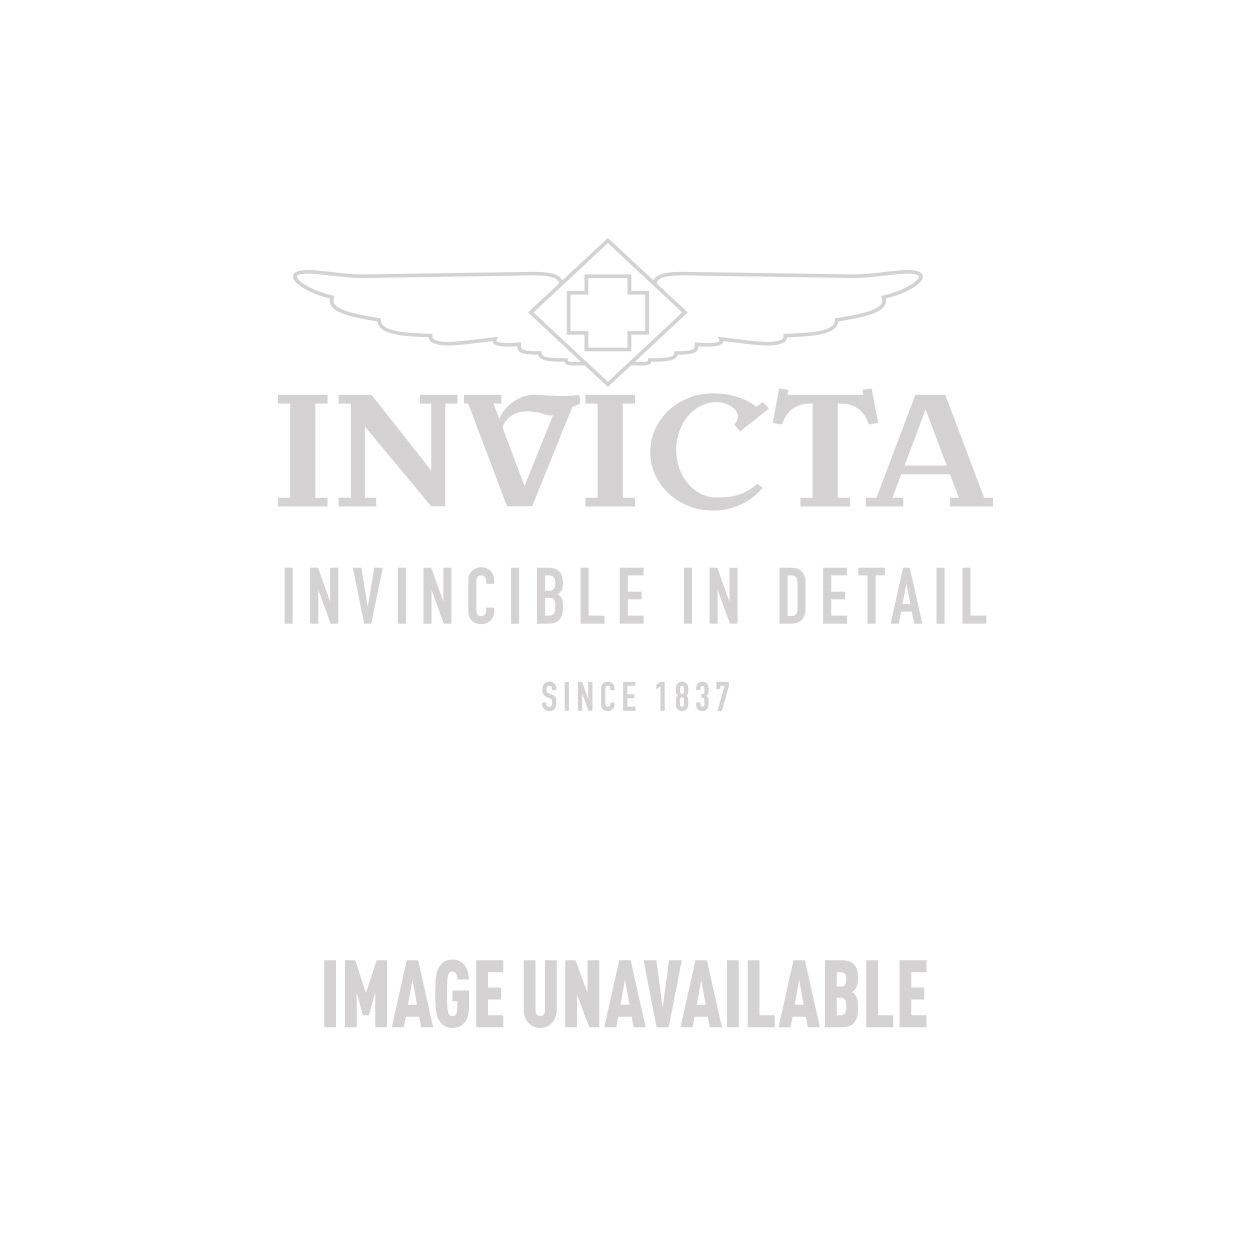 Invicta Model 23887